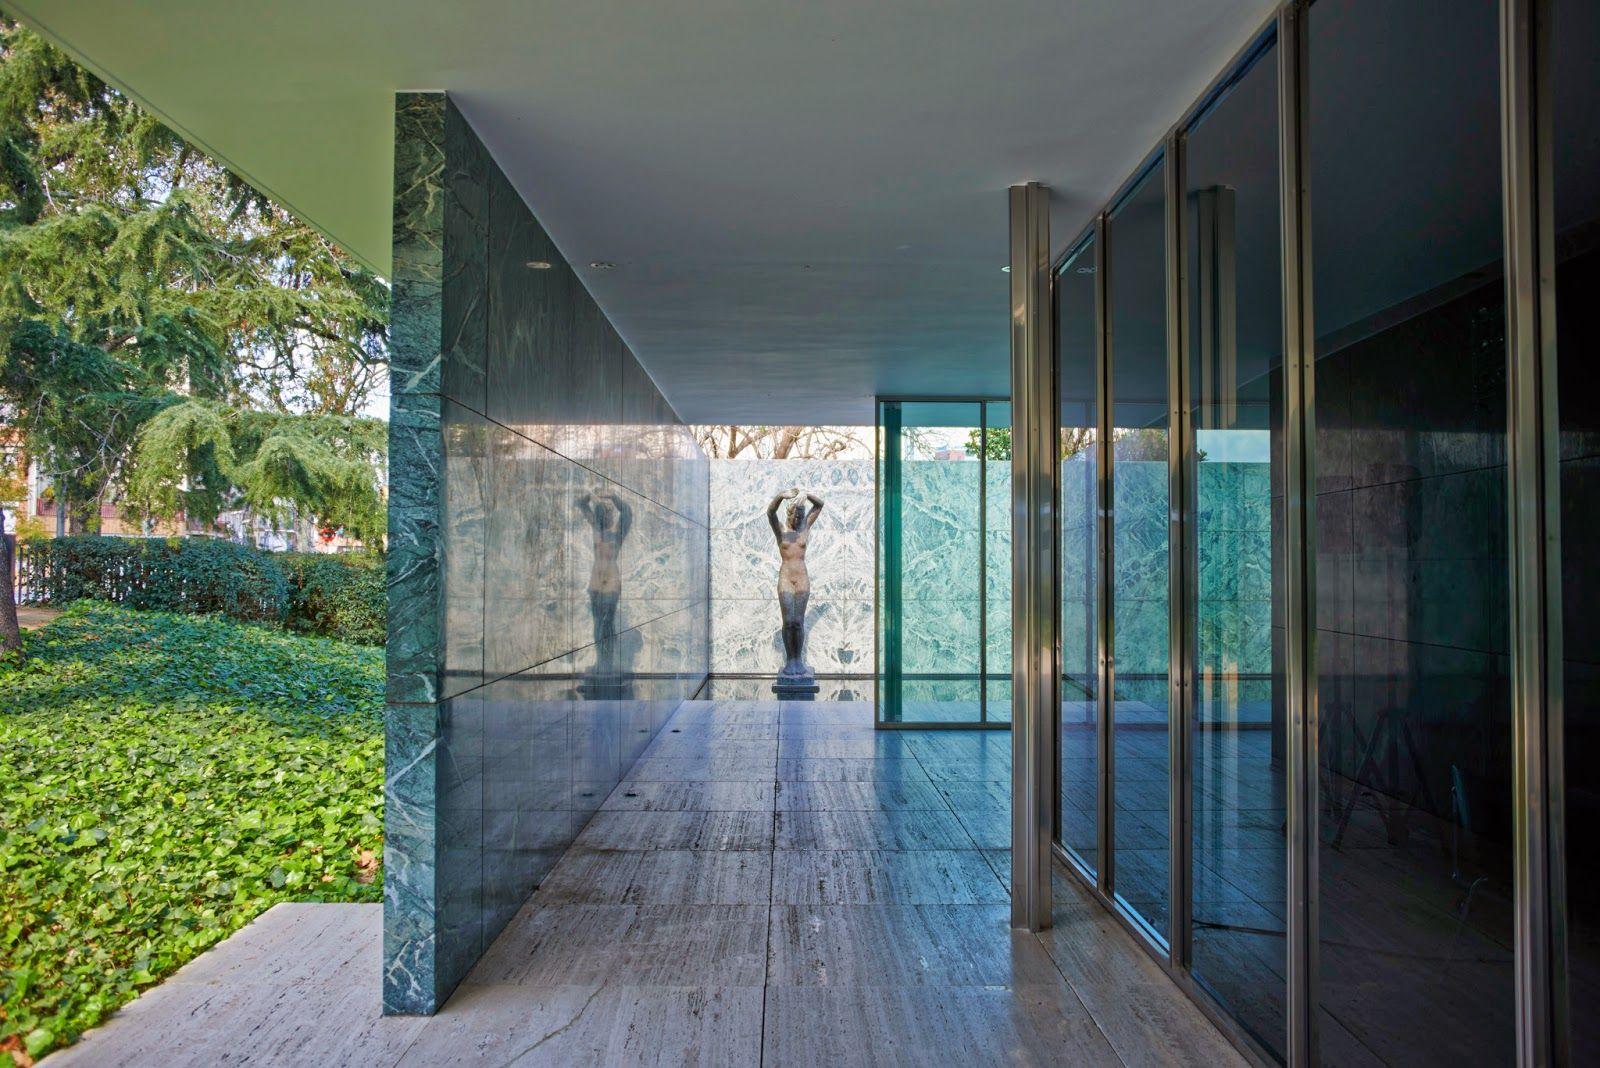 ludwig mies van der rohe / pabellón alemán de barcelona | Arquitectura, Arquitectura de la casa, Arquitectos